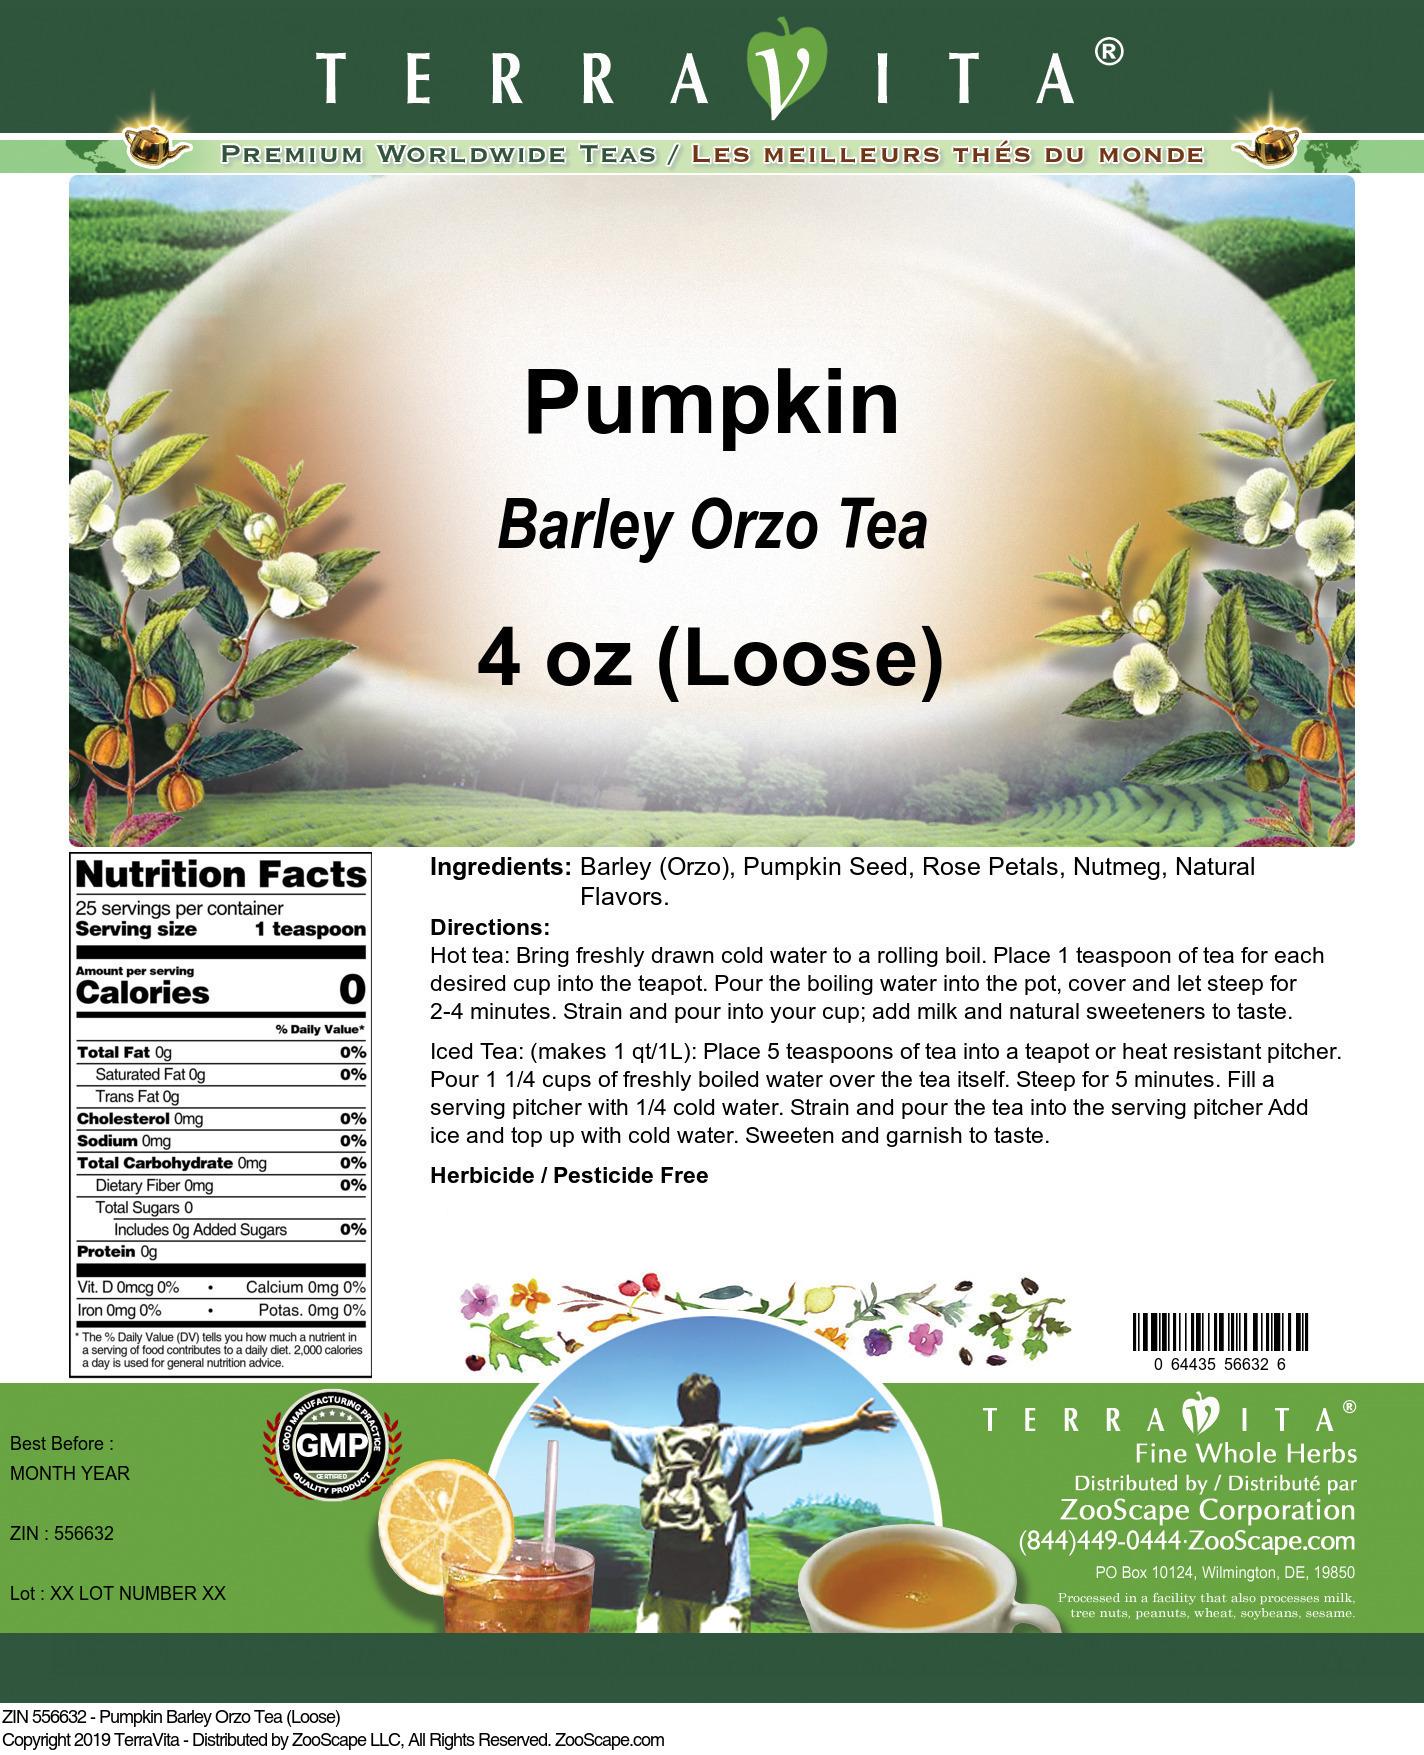 Pumpkin Barley Orzo Tea (Loose)